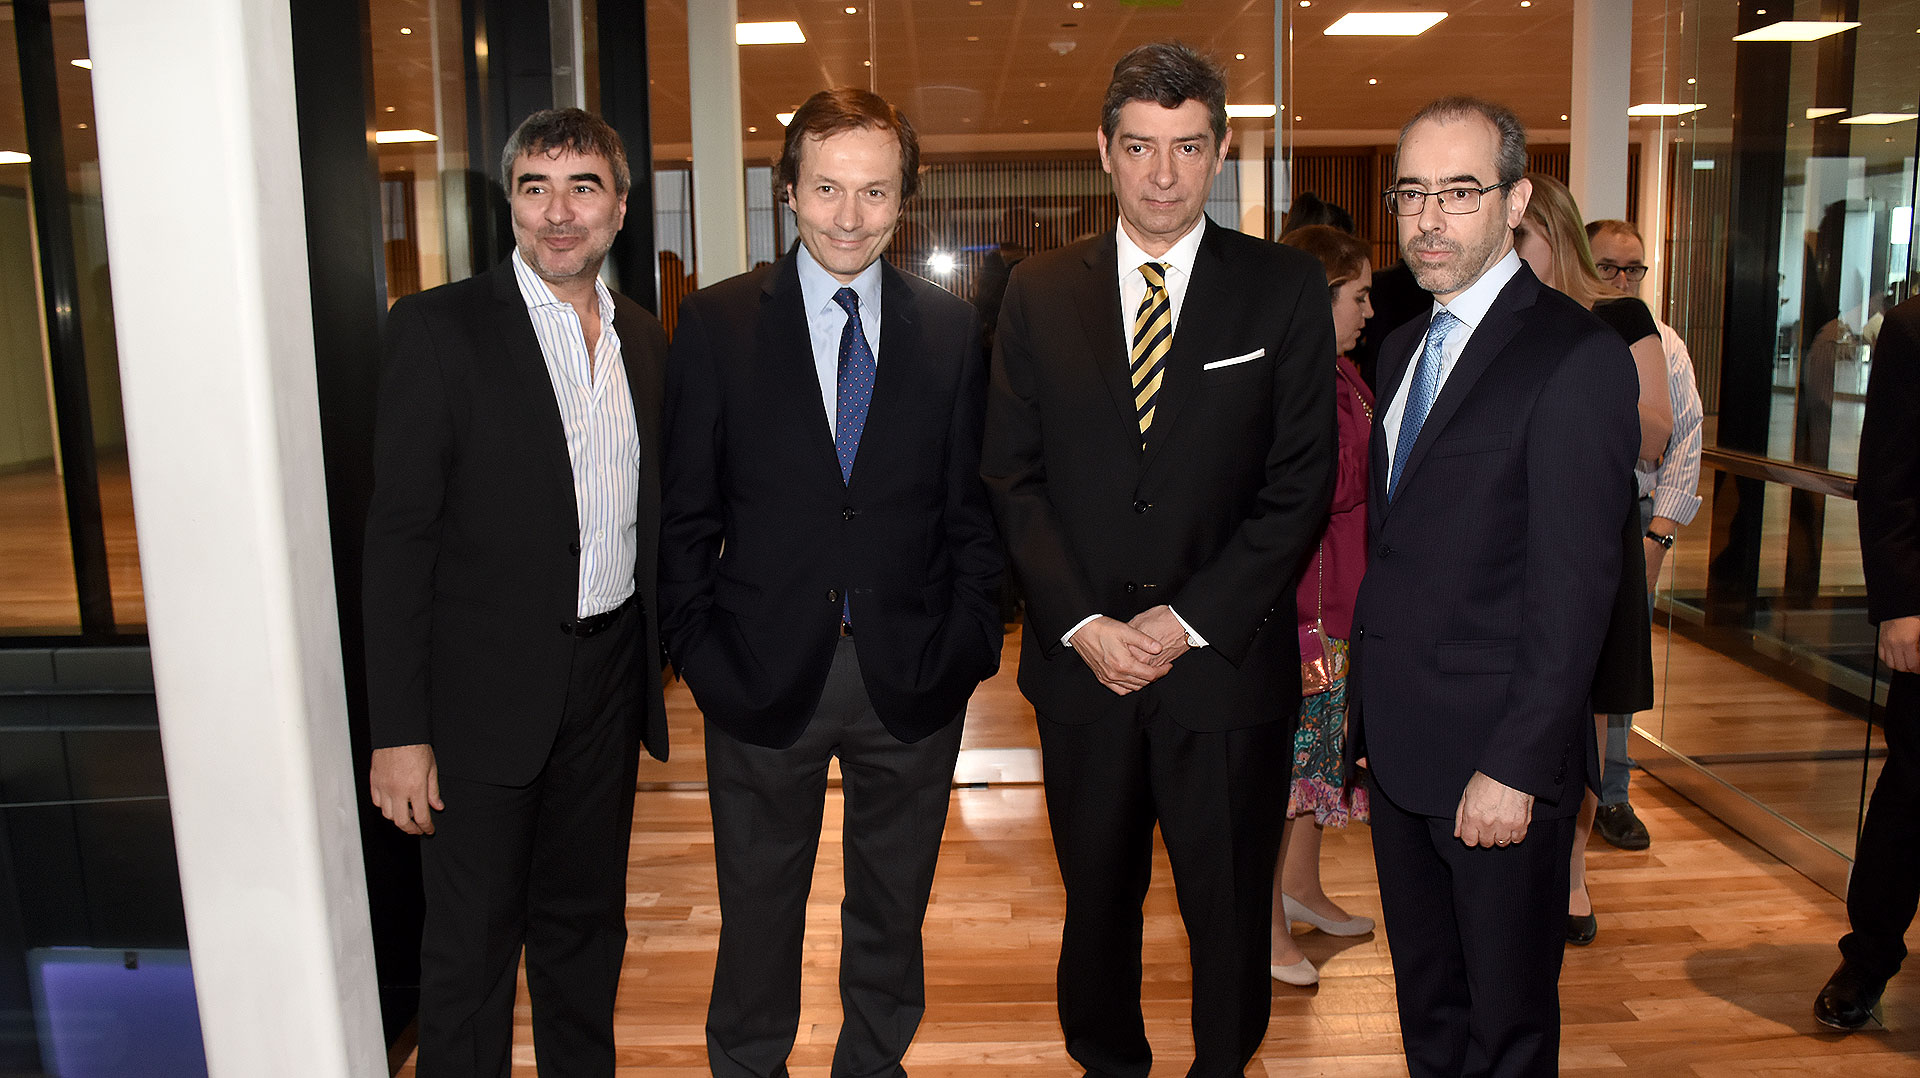 Gustavo Beliz, el juez de la Corte Suprema de Justicia Horacio Rosatti y el periodista Gustavo González